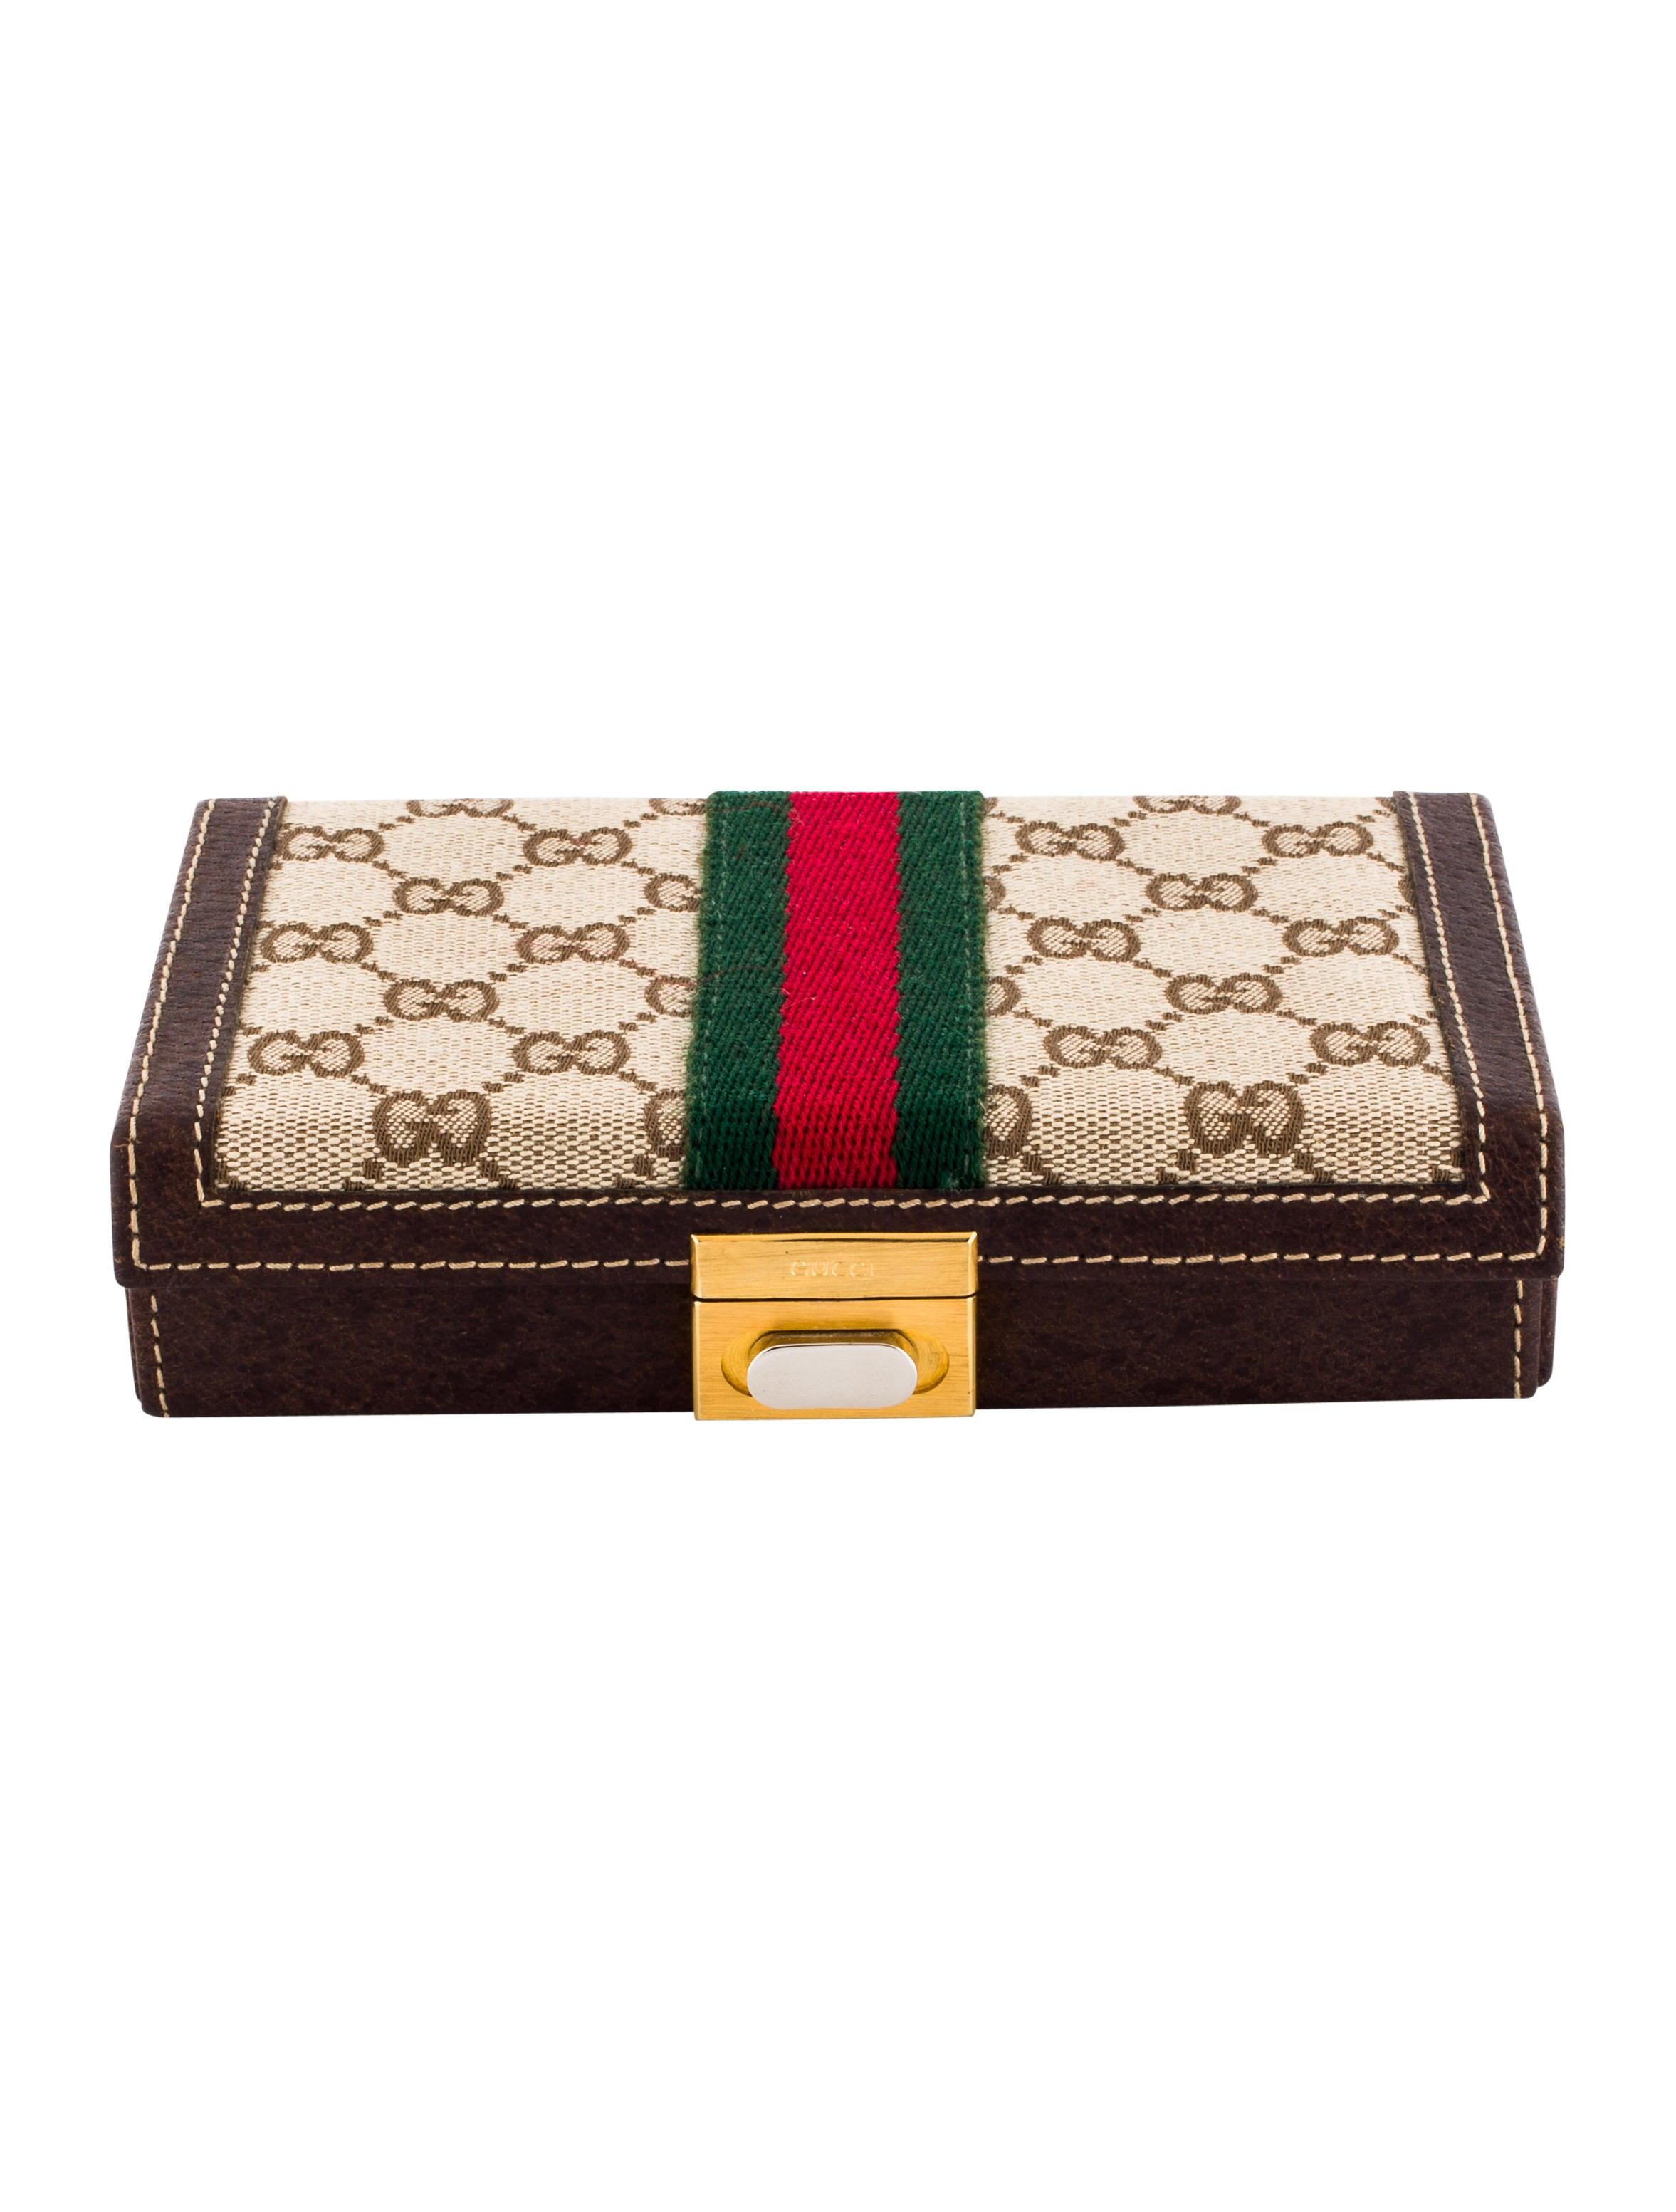 Gucci Gg Supreme Jewelry Box Decor And Accessories Guc168529 The Realreal